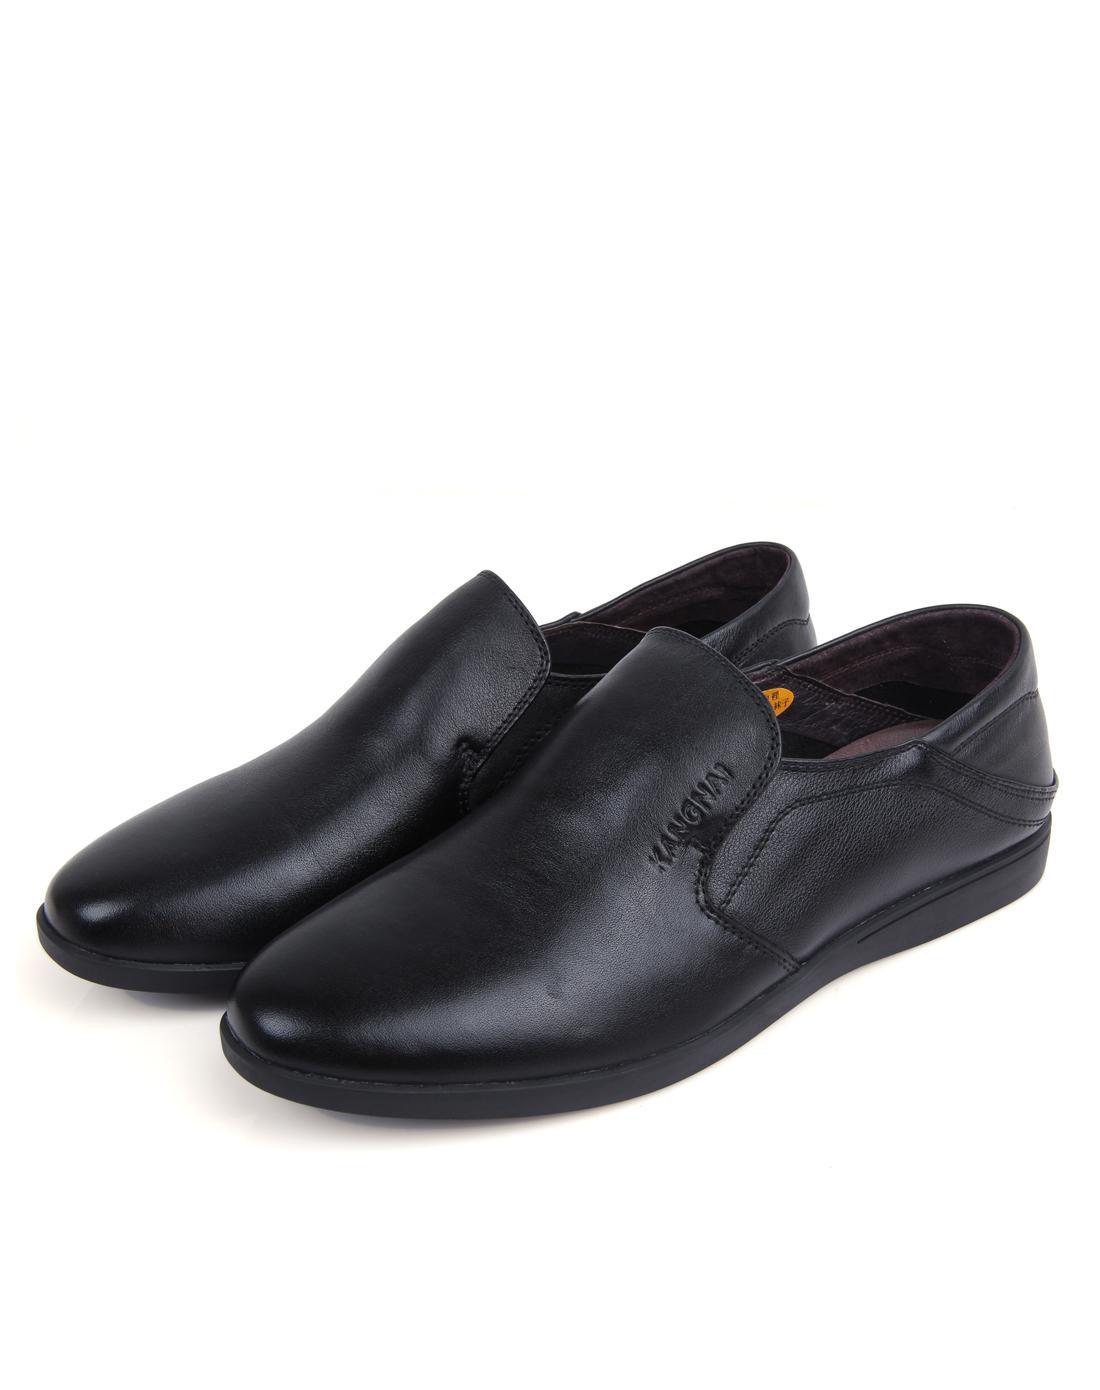 牛皮单鞋33333-5111